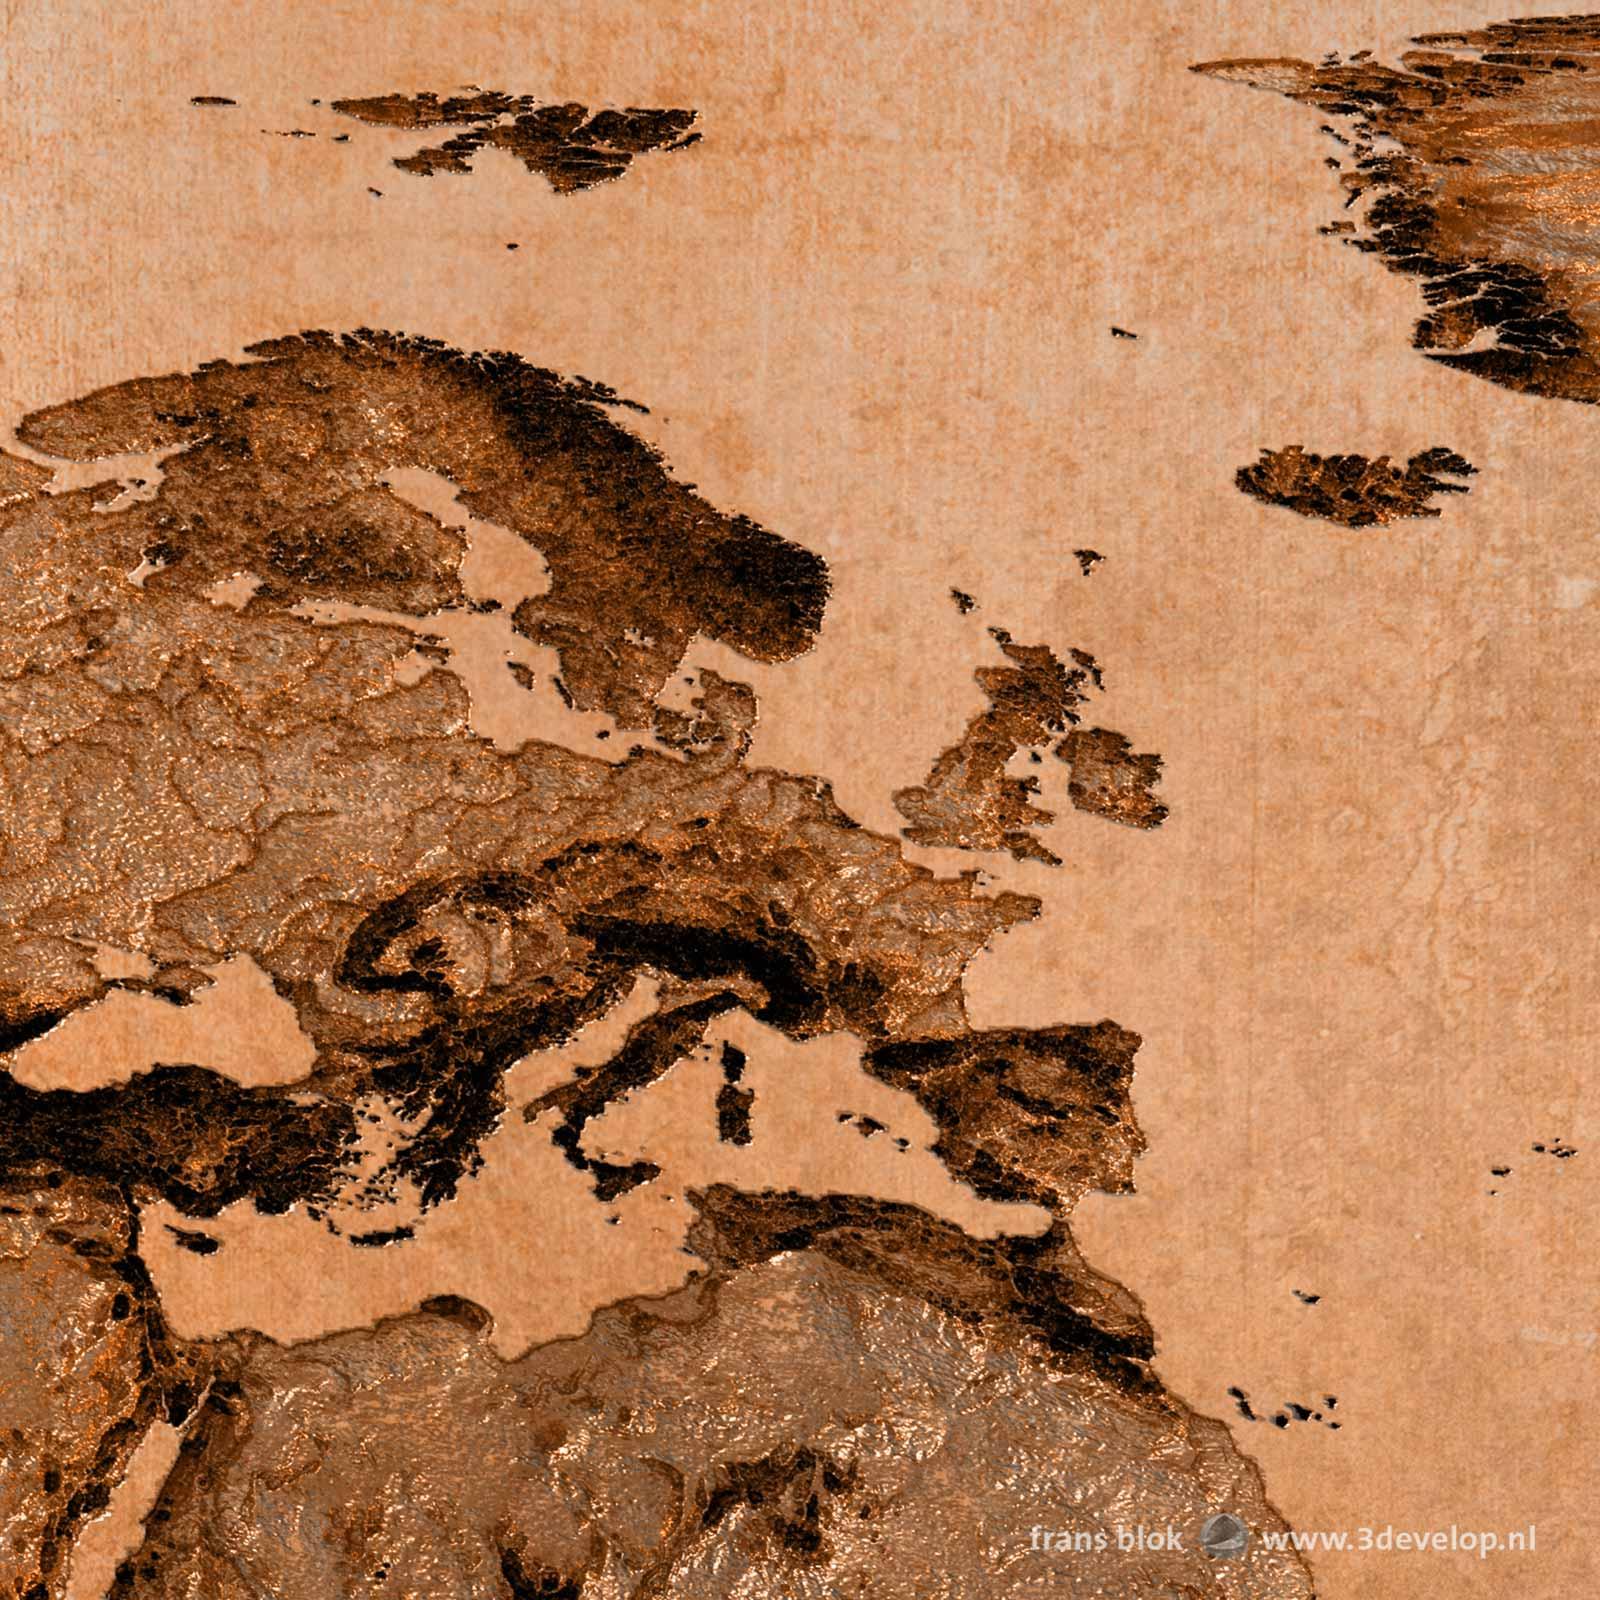 Uitsnede van een bronzen gespiegelde wereldkaart, met Europa, Noord-Afrika, de Middellandse Zee en een deel van Groenland